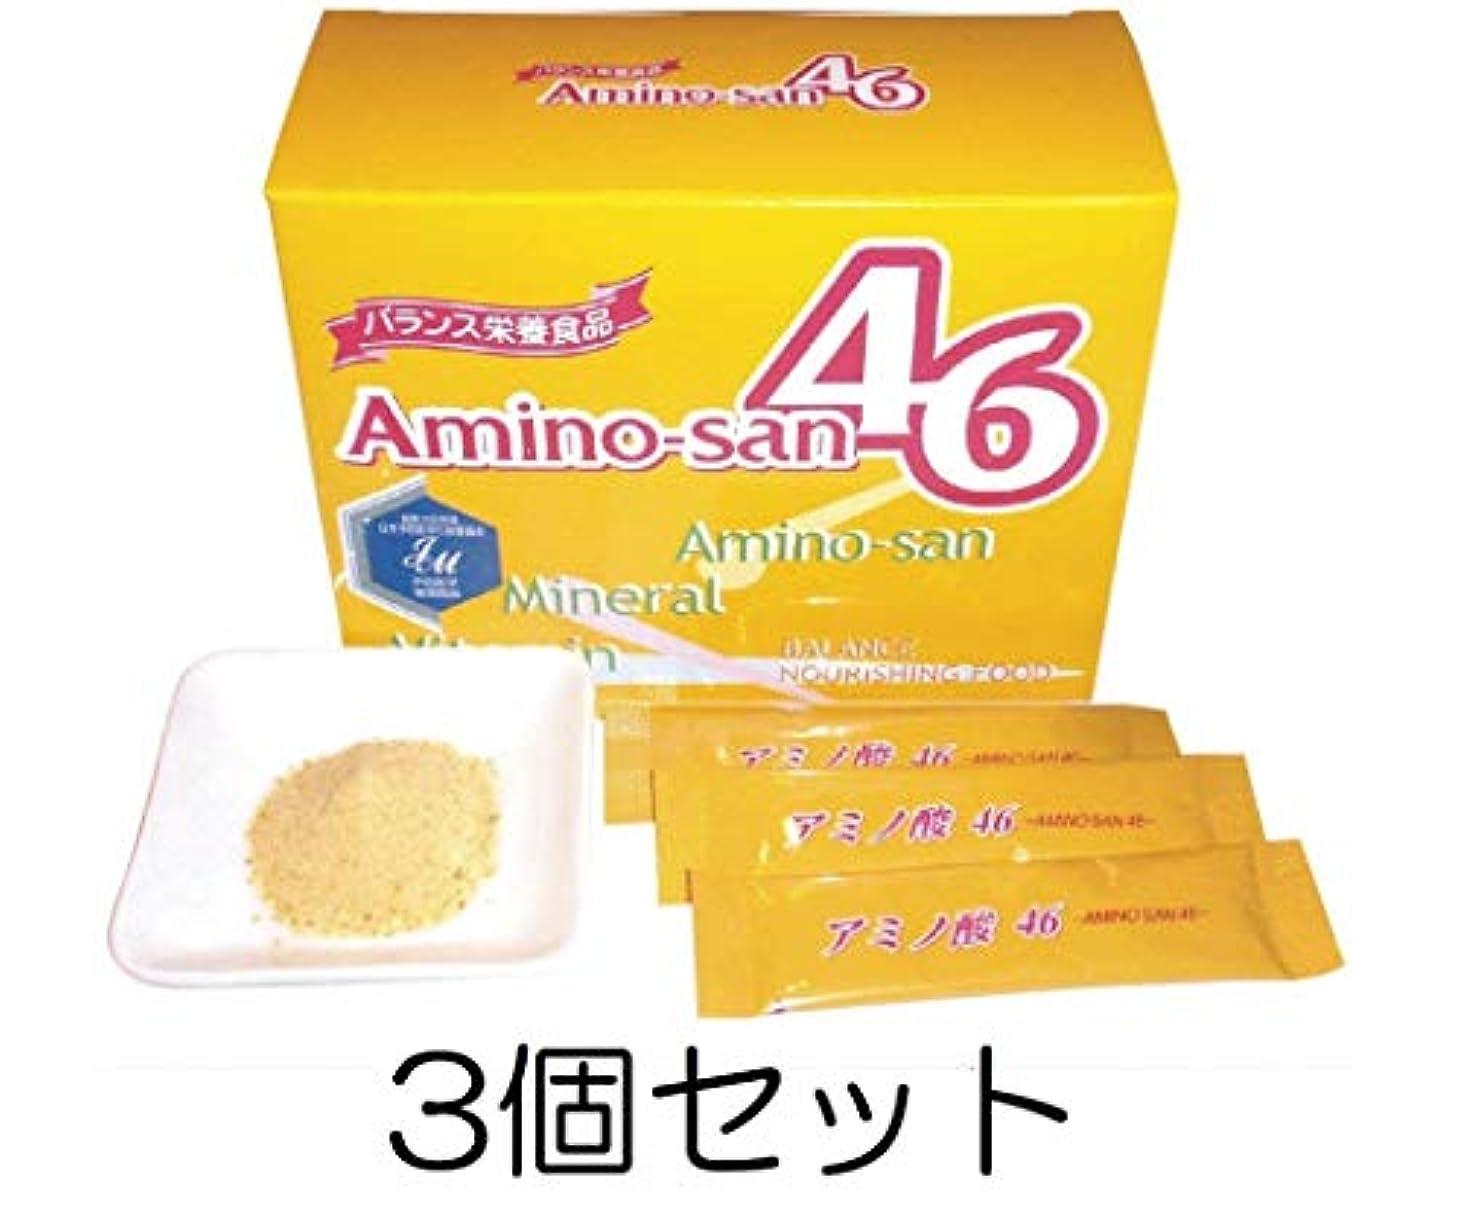 名前で支払い特権ベル?クール研究所 アミノ酸46 3g×60本入り(1ヶ月分)×3箱セット ポーレン(蜂蜜花粉)含有サプリメント 栄養補助食品